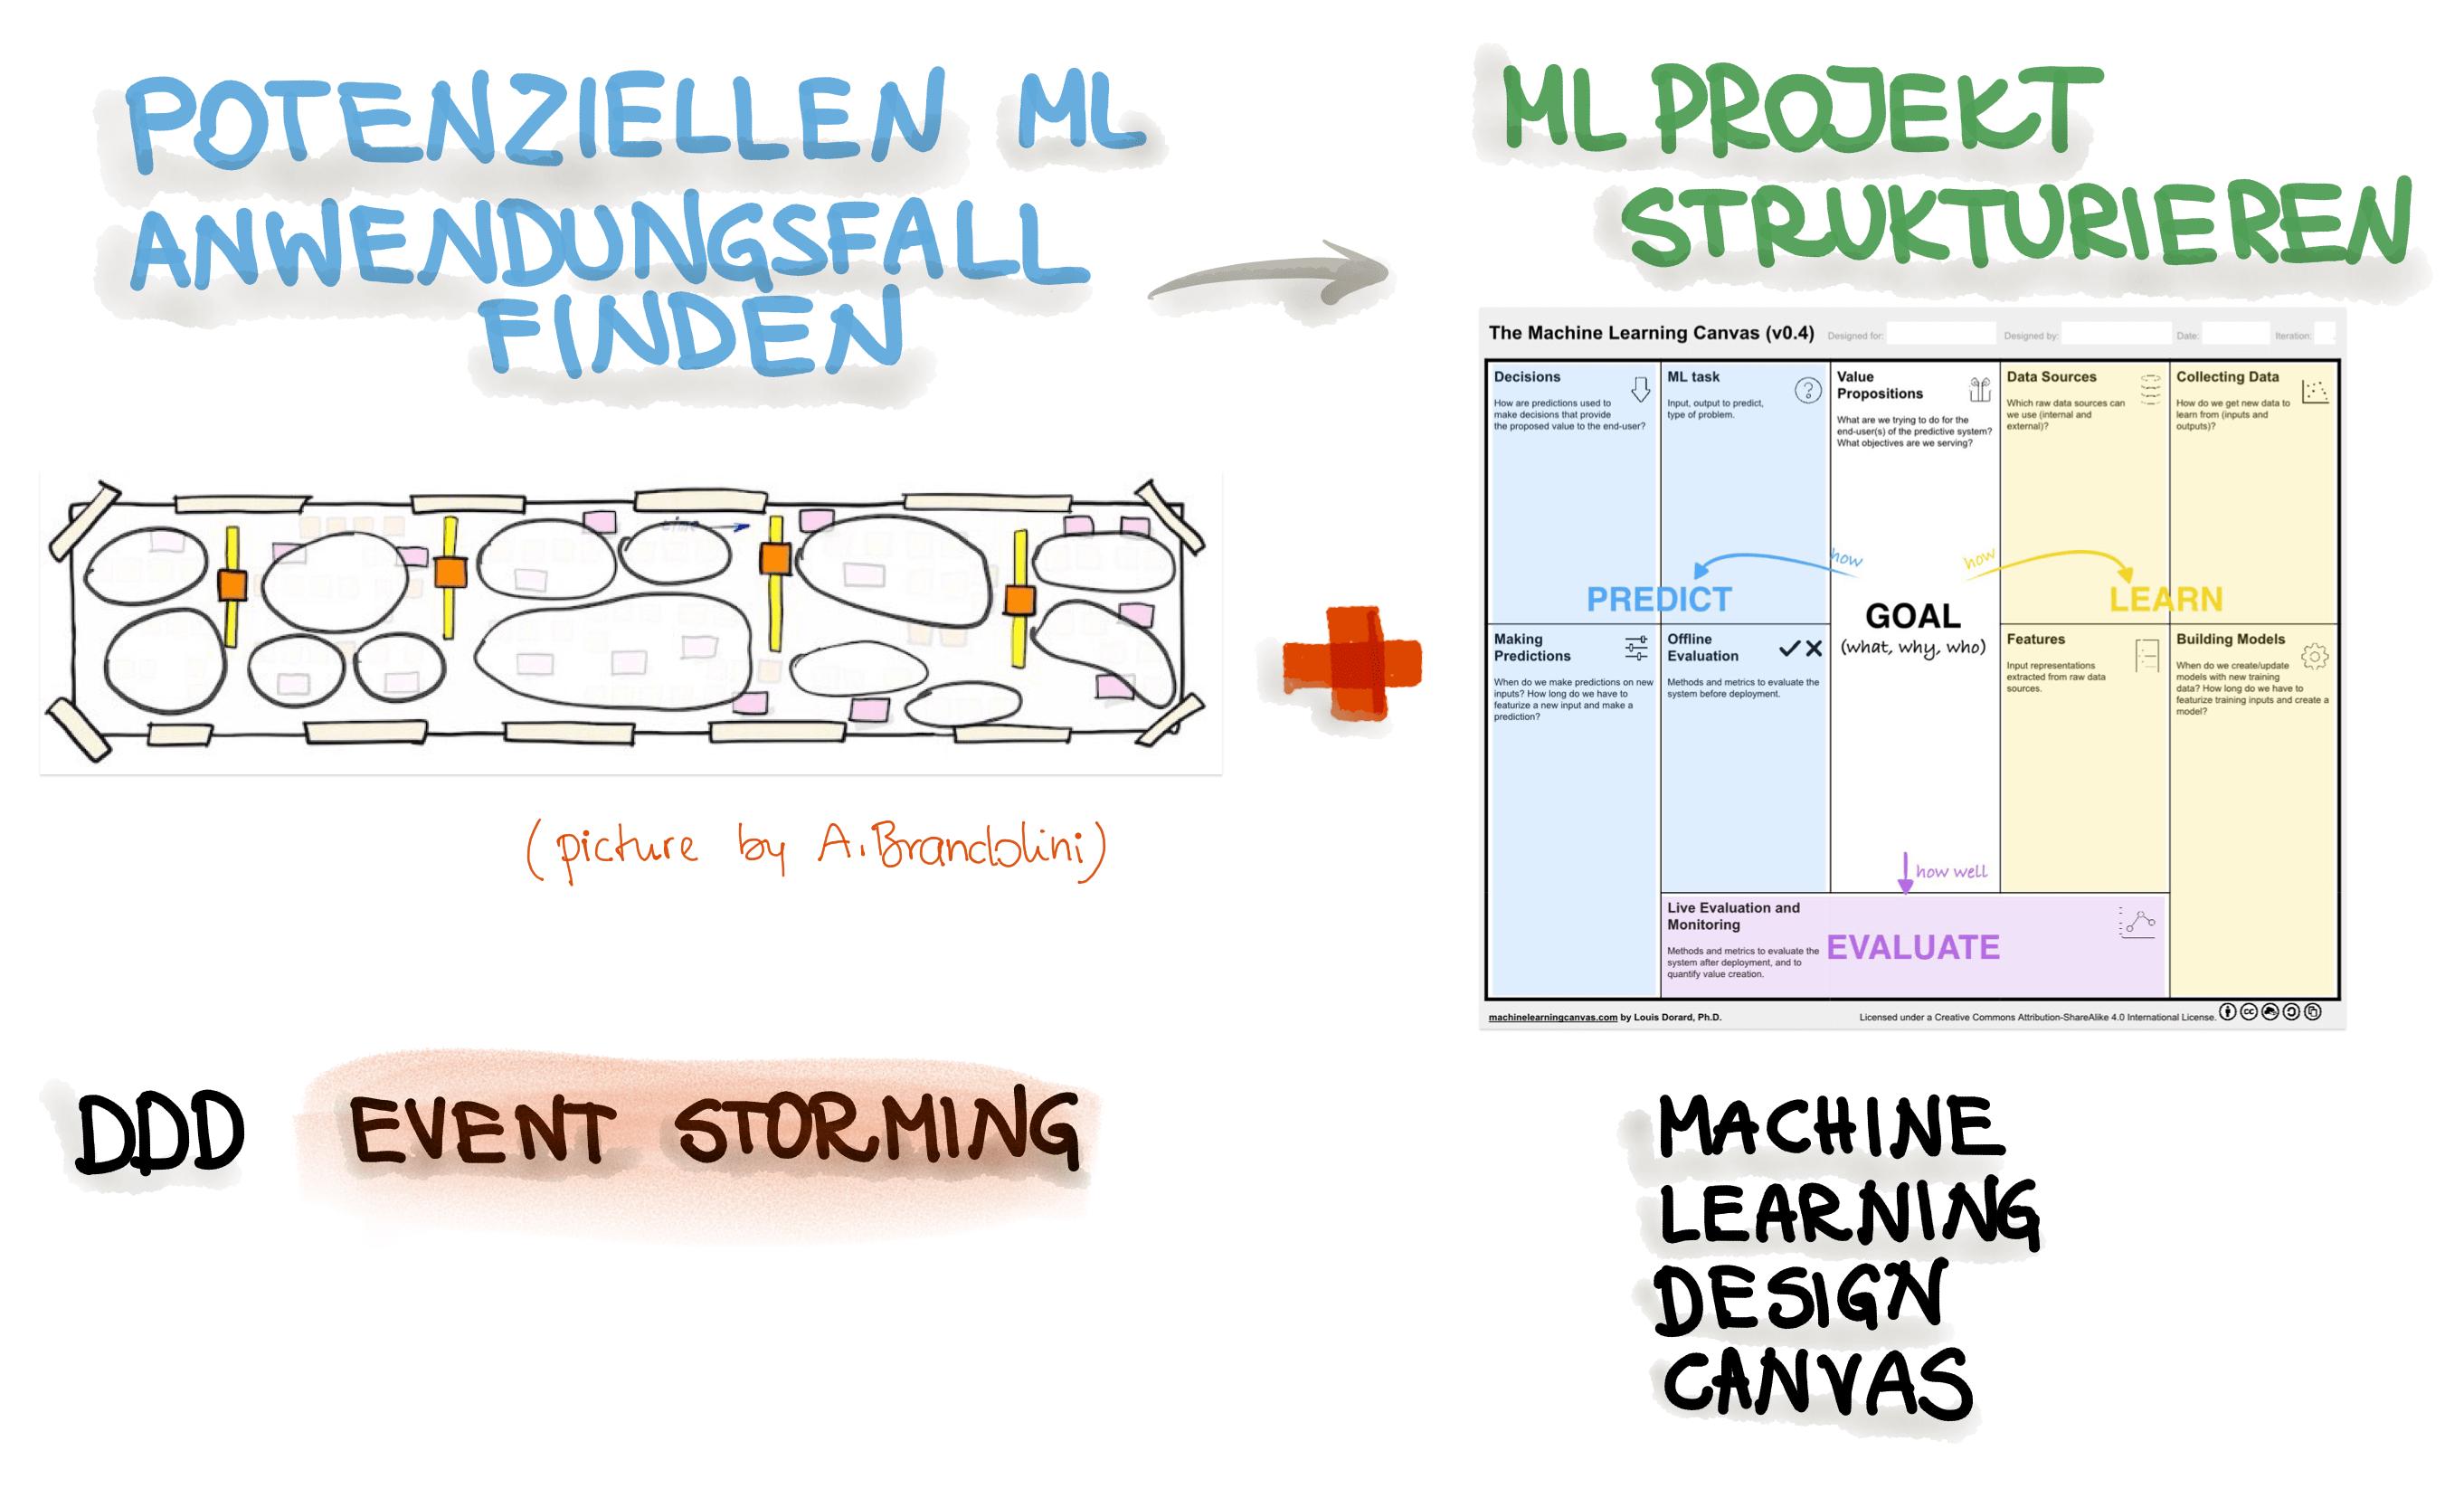 ML-Anwendungsfälle mit Event Storming identifizieren und mit Machine Learning Design Canvas strukturieren